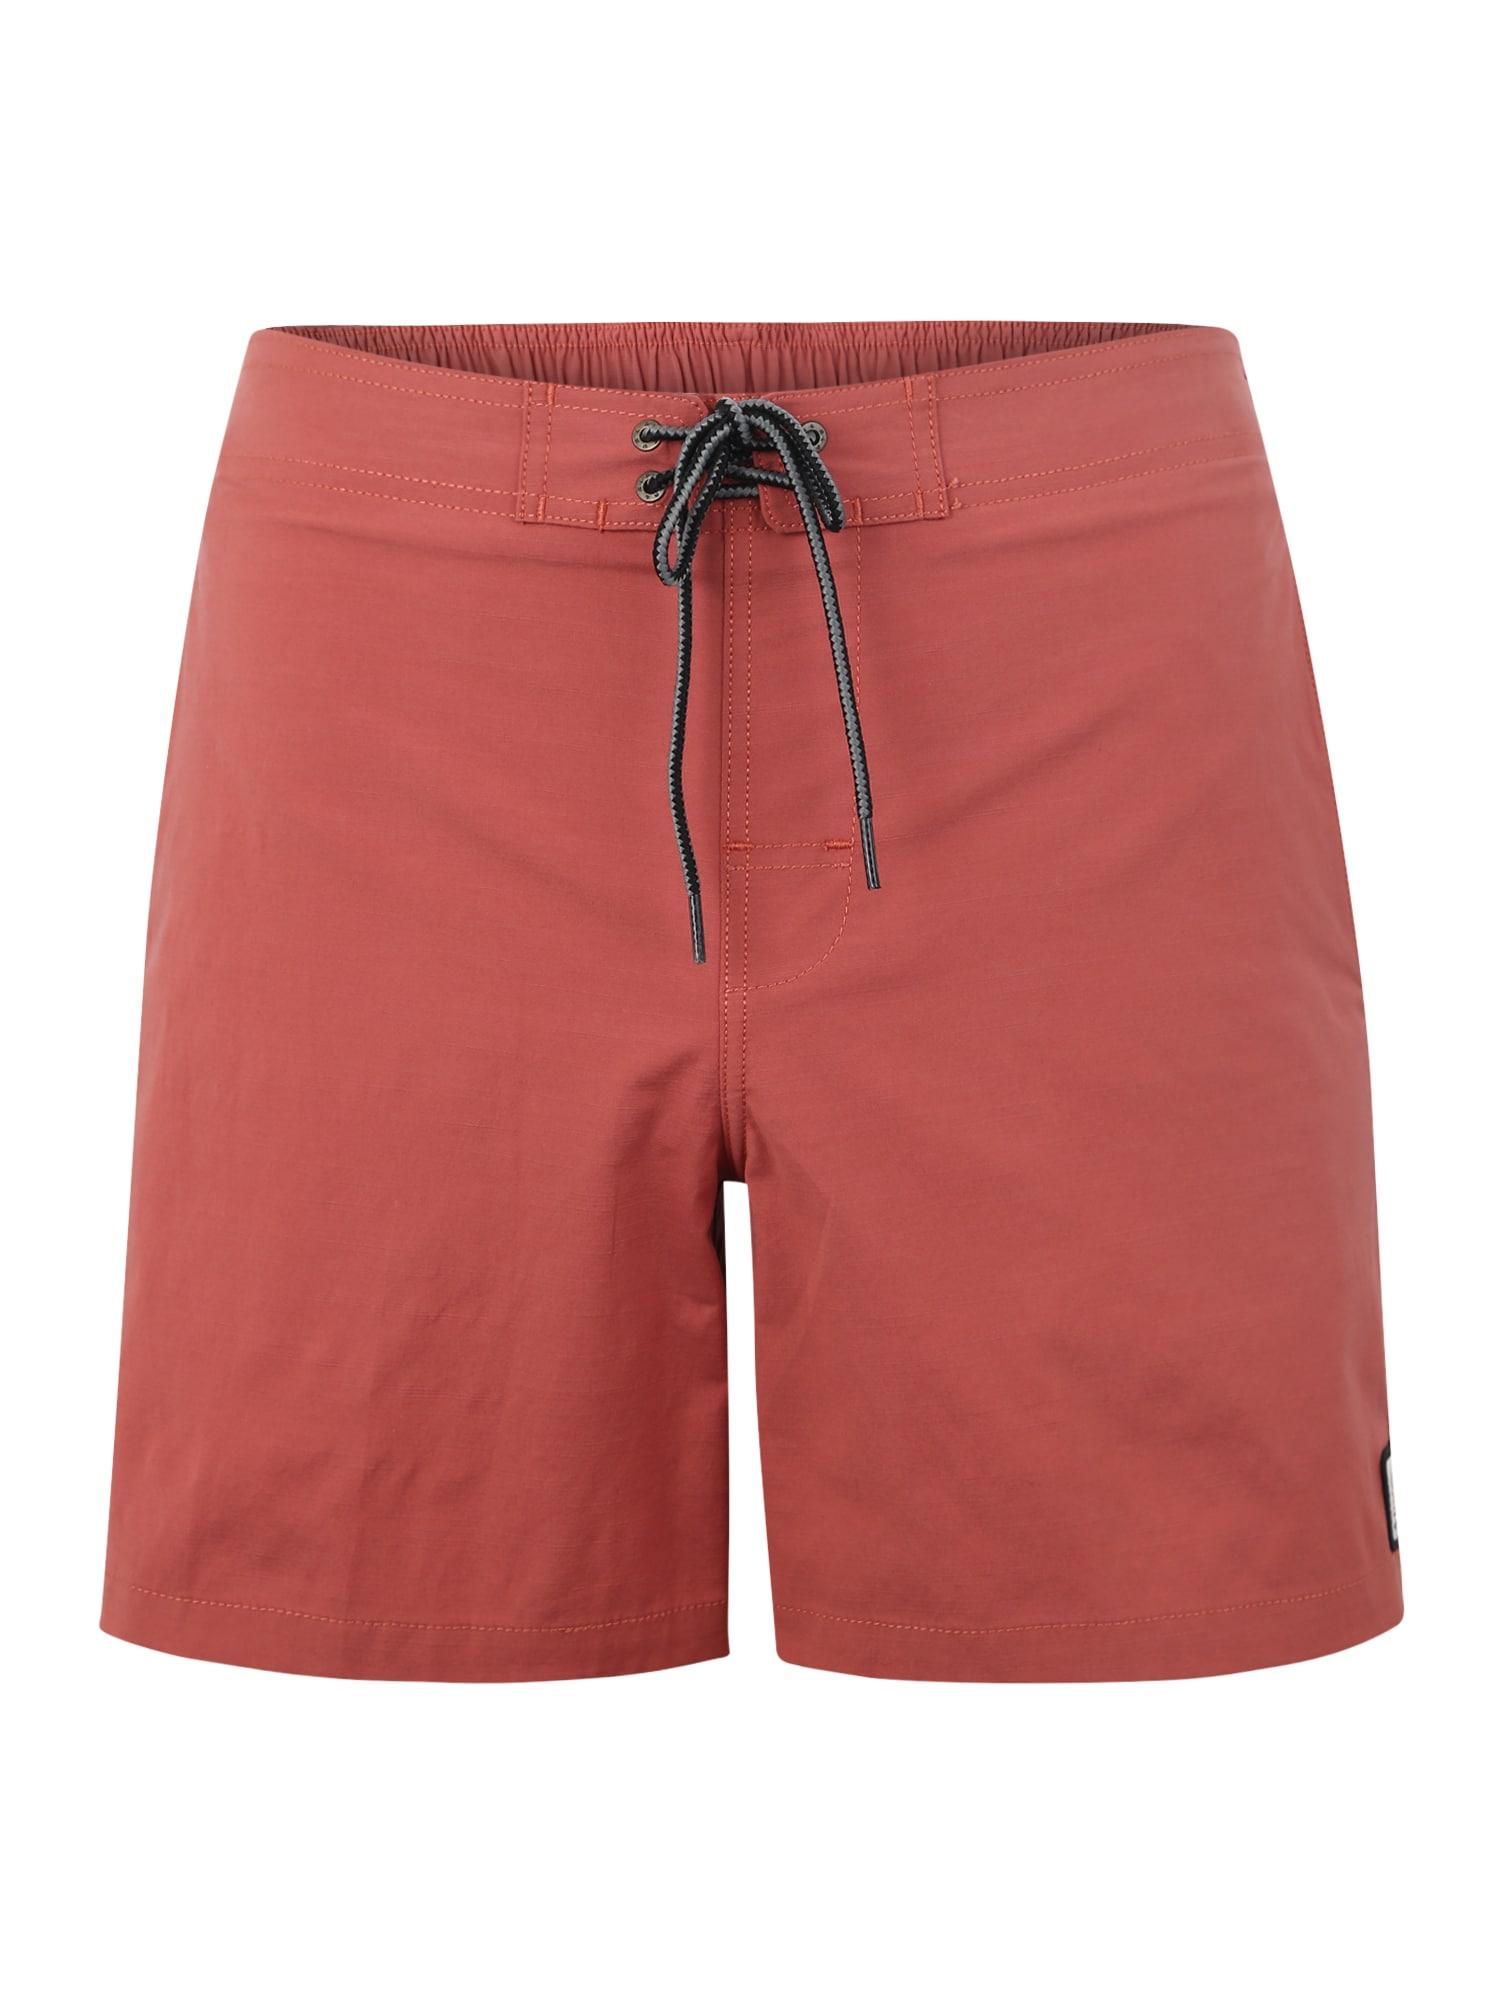 Plavecké šortky SEMI- ELASTICATED ERA 16 červená RIP CURL